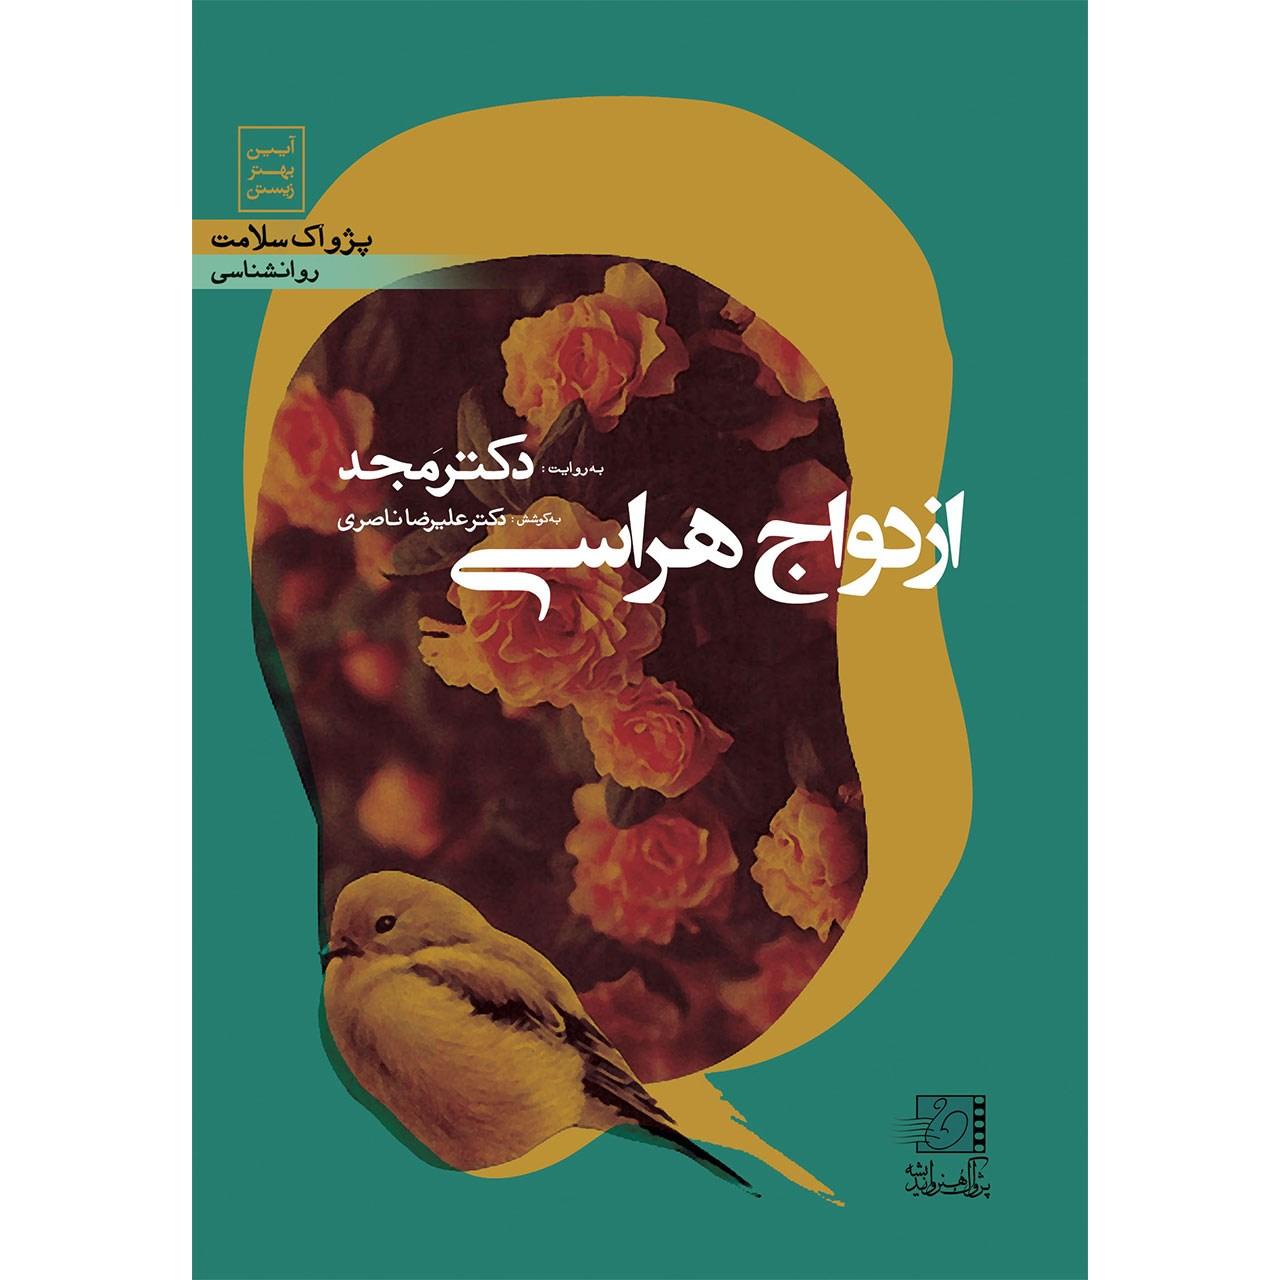 فیلم آموزشی ازدواج هراسی اثر محمد مجد